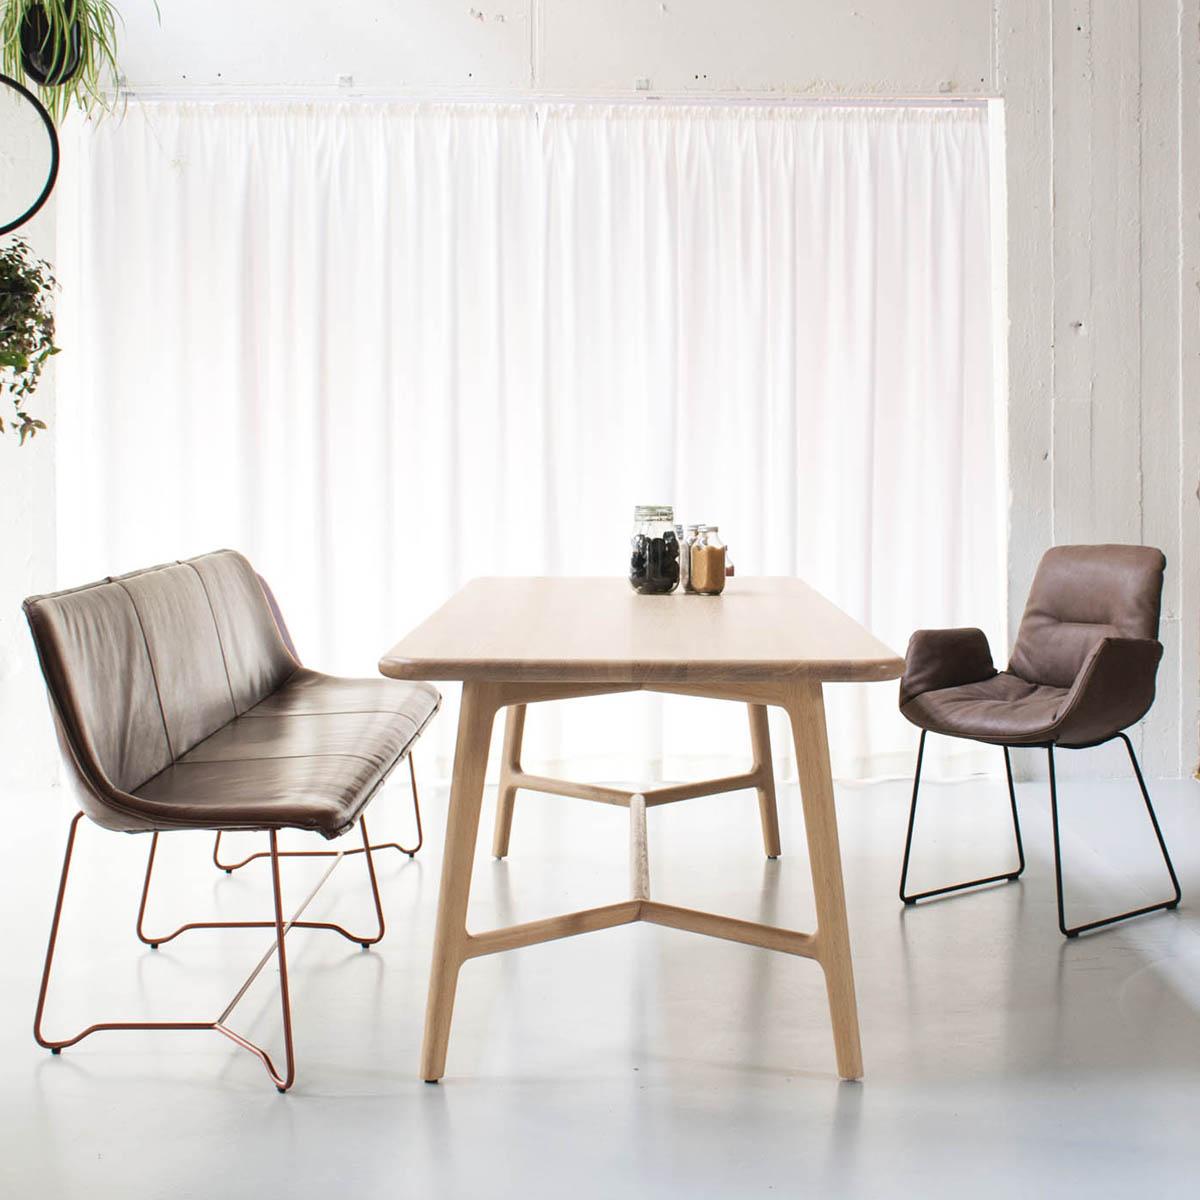 MBzwo Online Möbel Shop Esstisch Like